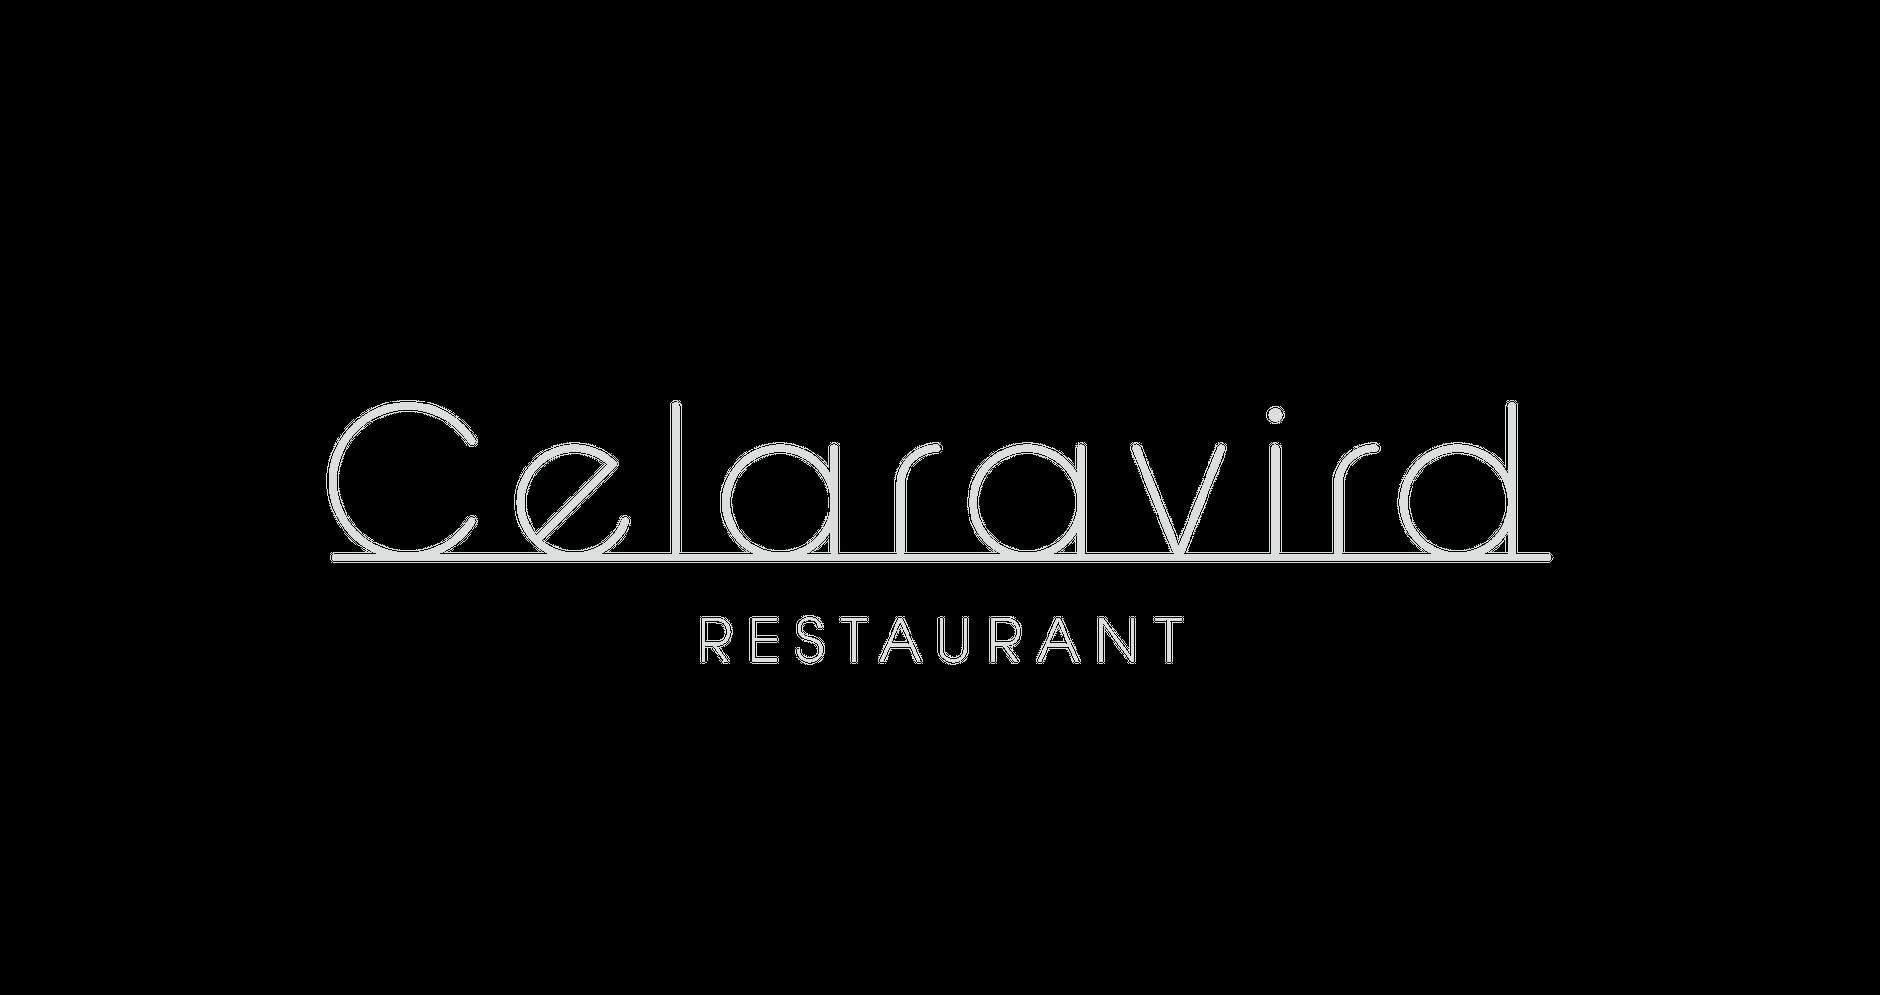 Celaravird online Store